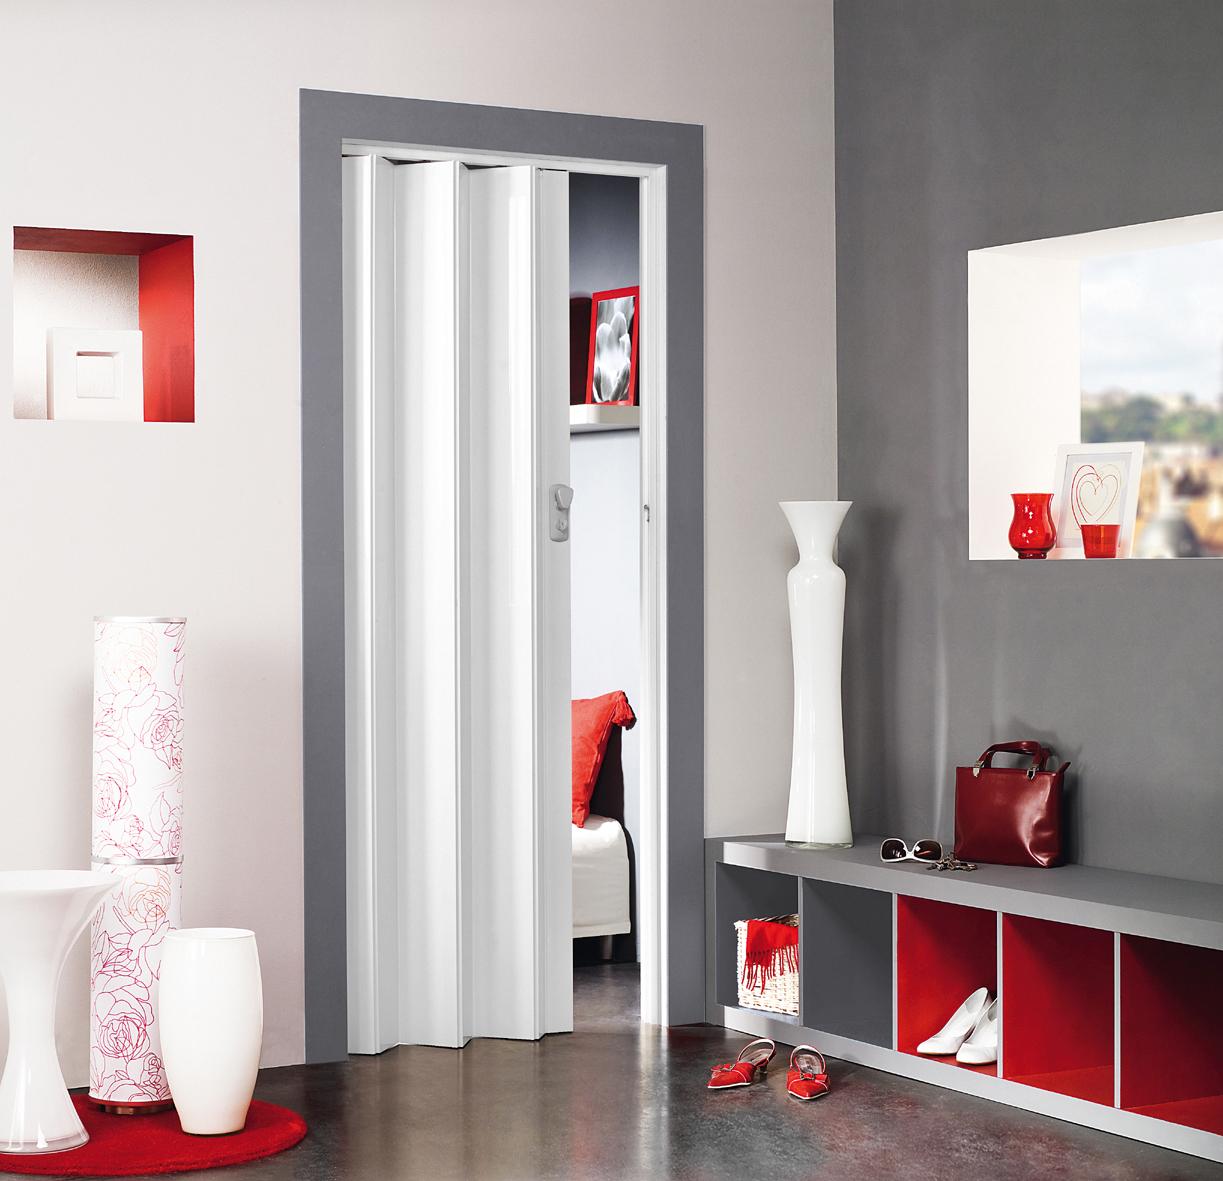 Puertas de interior modernas y decorativas for Puertas de interior modernas